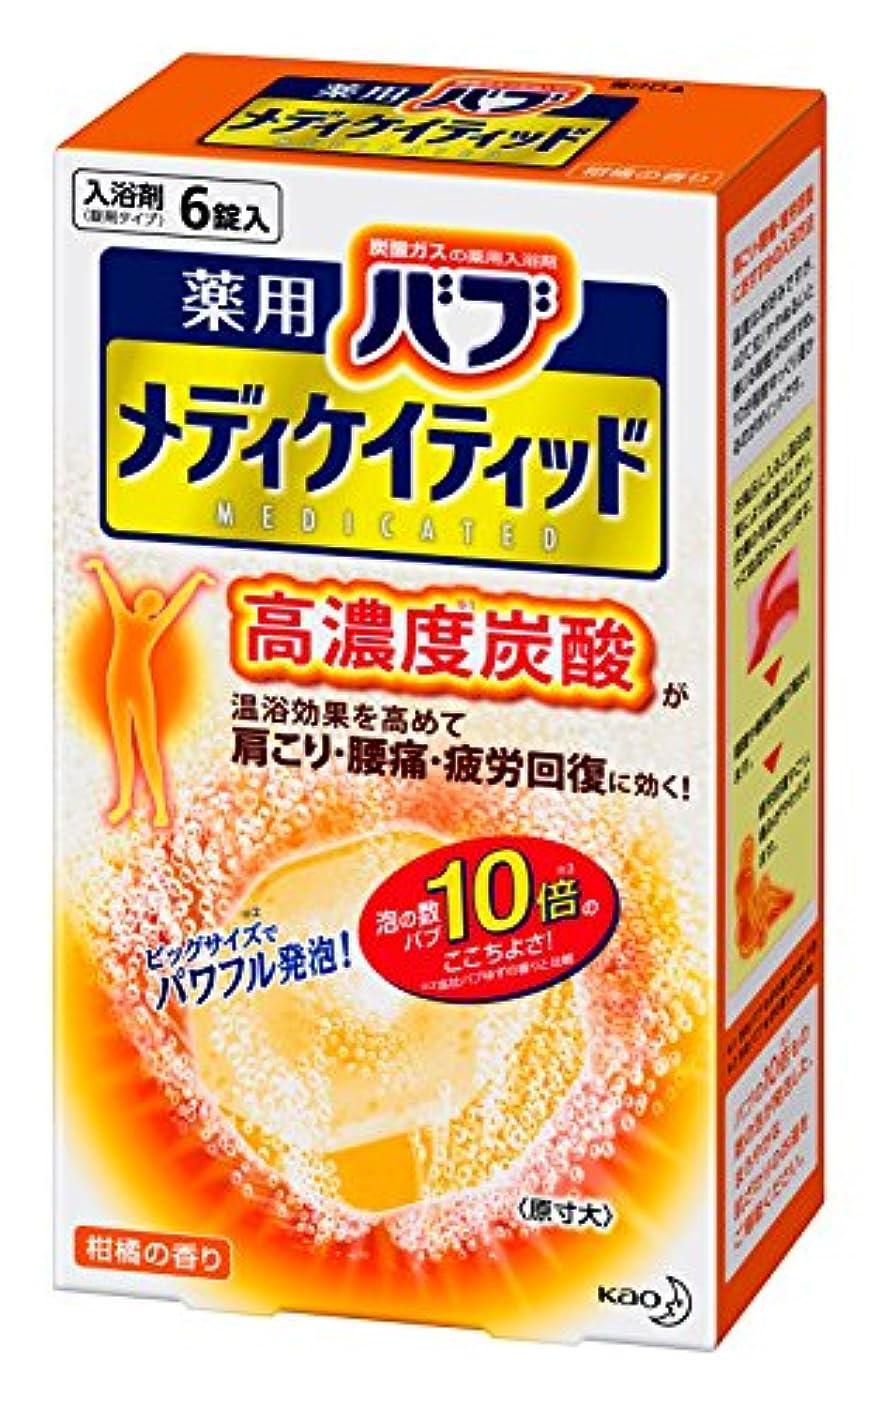 自動的に検索エンジン最適化腹部バブ メディケイティッド 柑橘の香り 6錠入